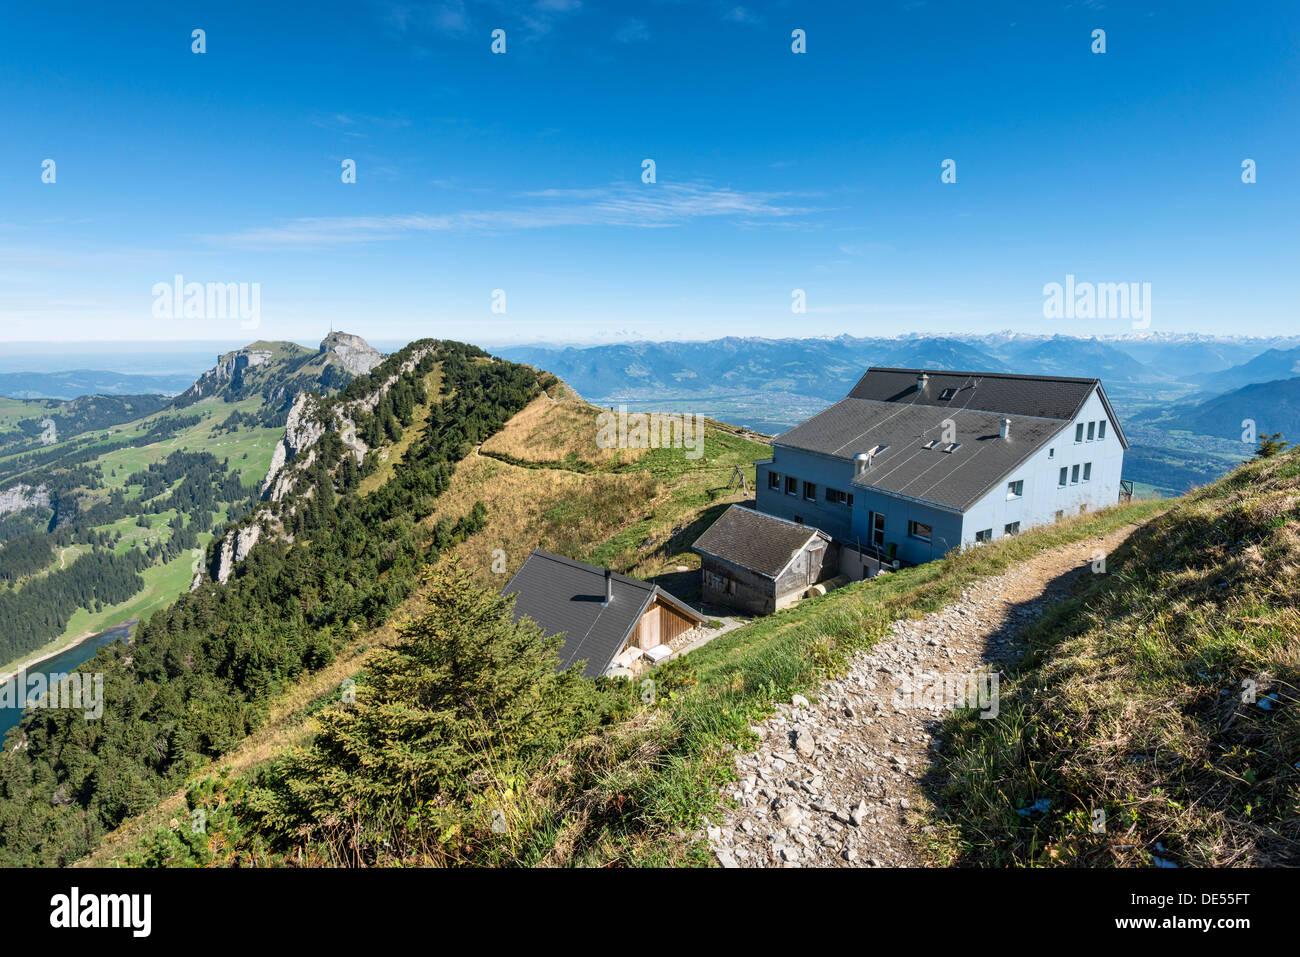 Das Berggasthaus Staubern, 1750m, Kanton Appenzell Inner-Rhodos, Schweiz, Europa Stockbild